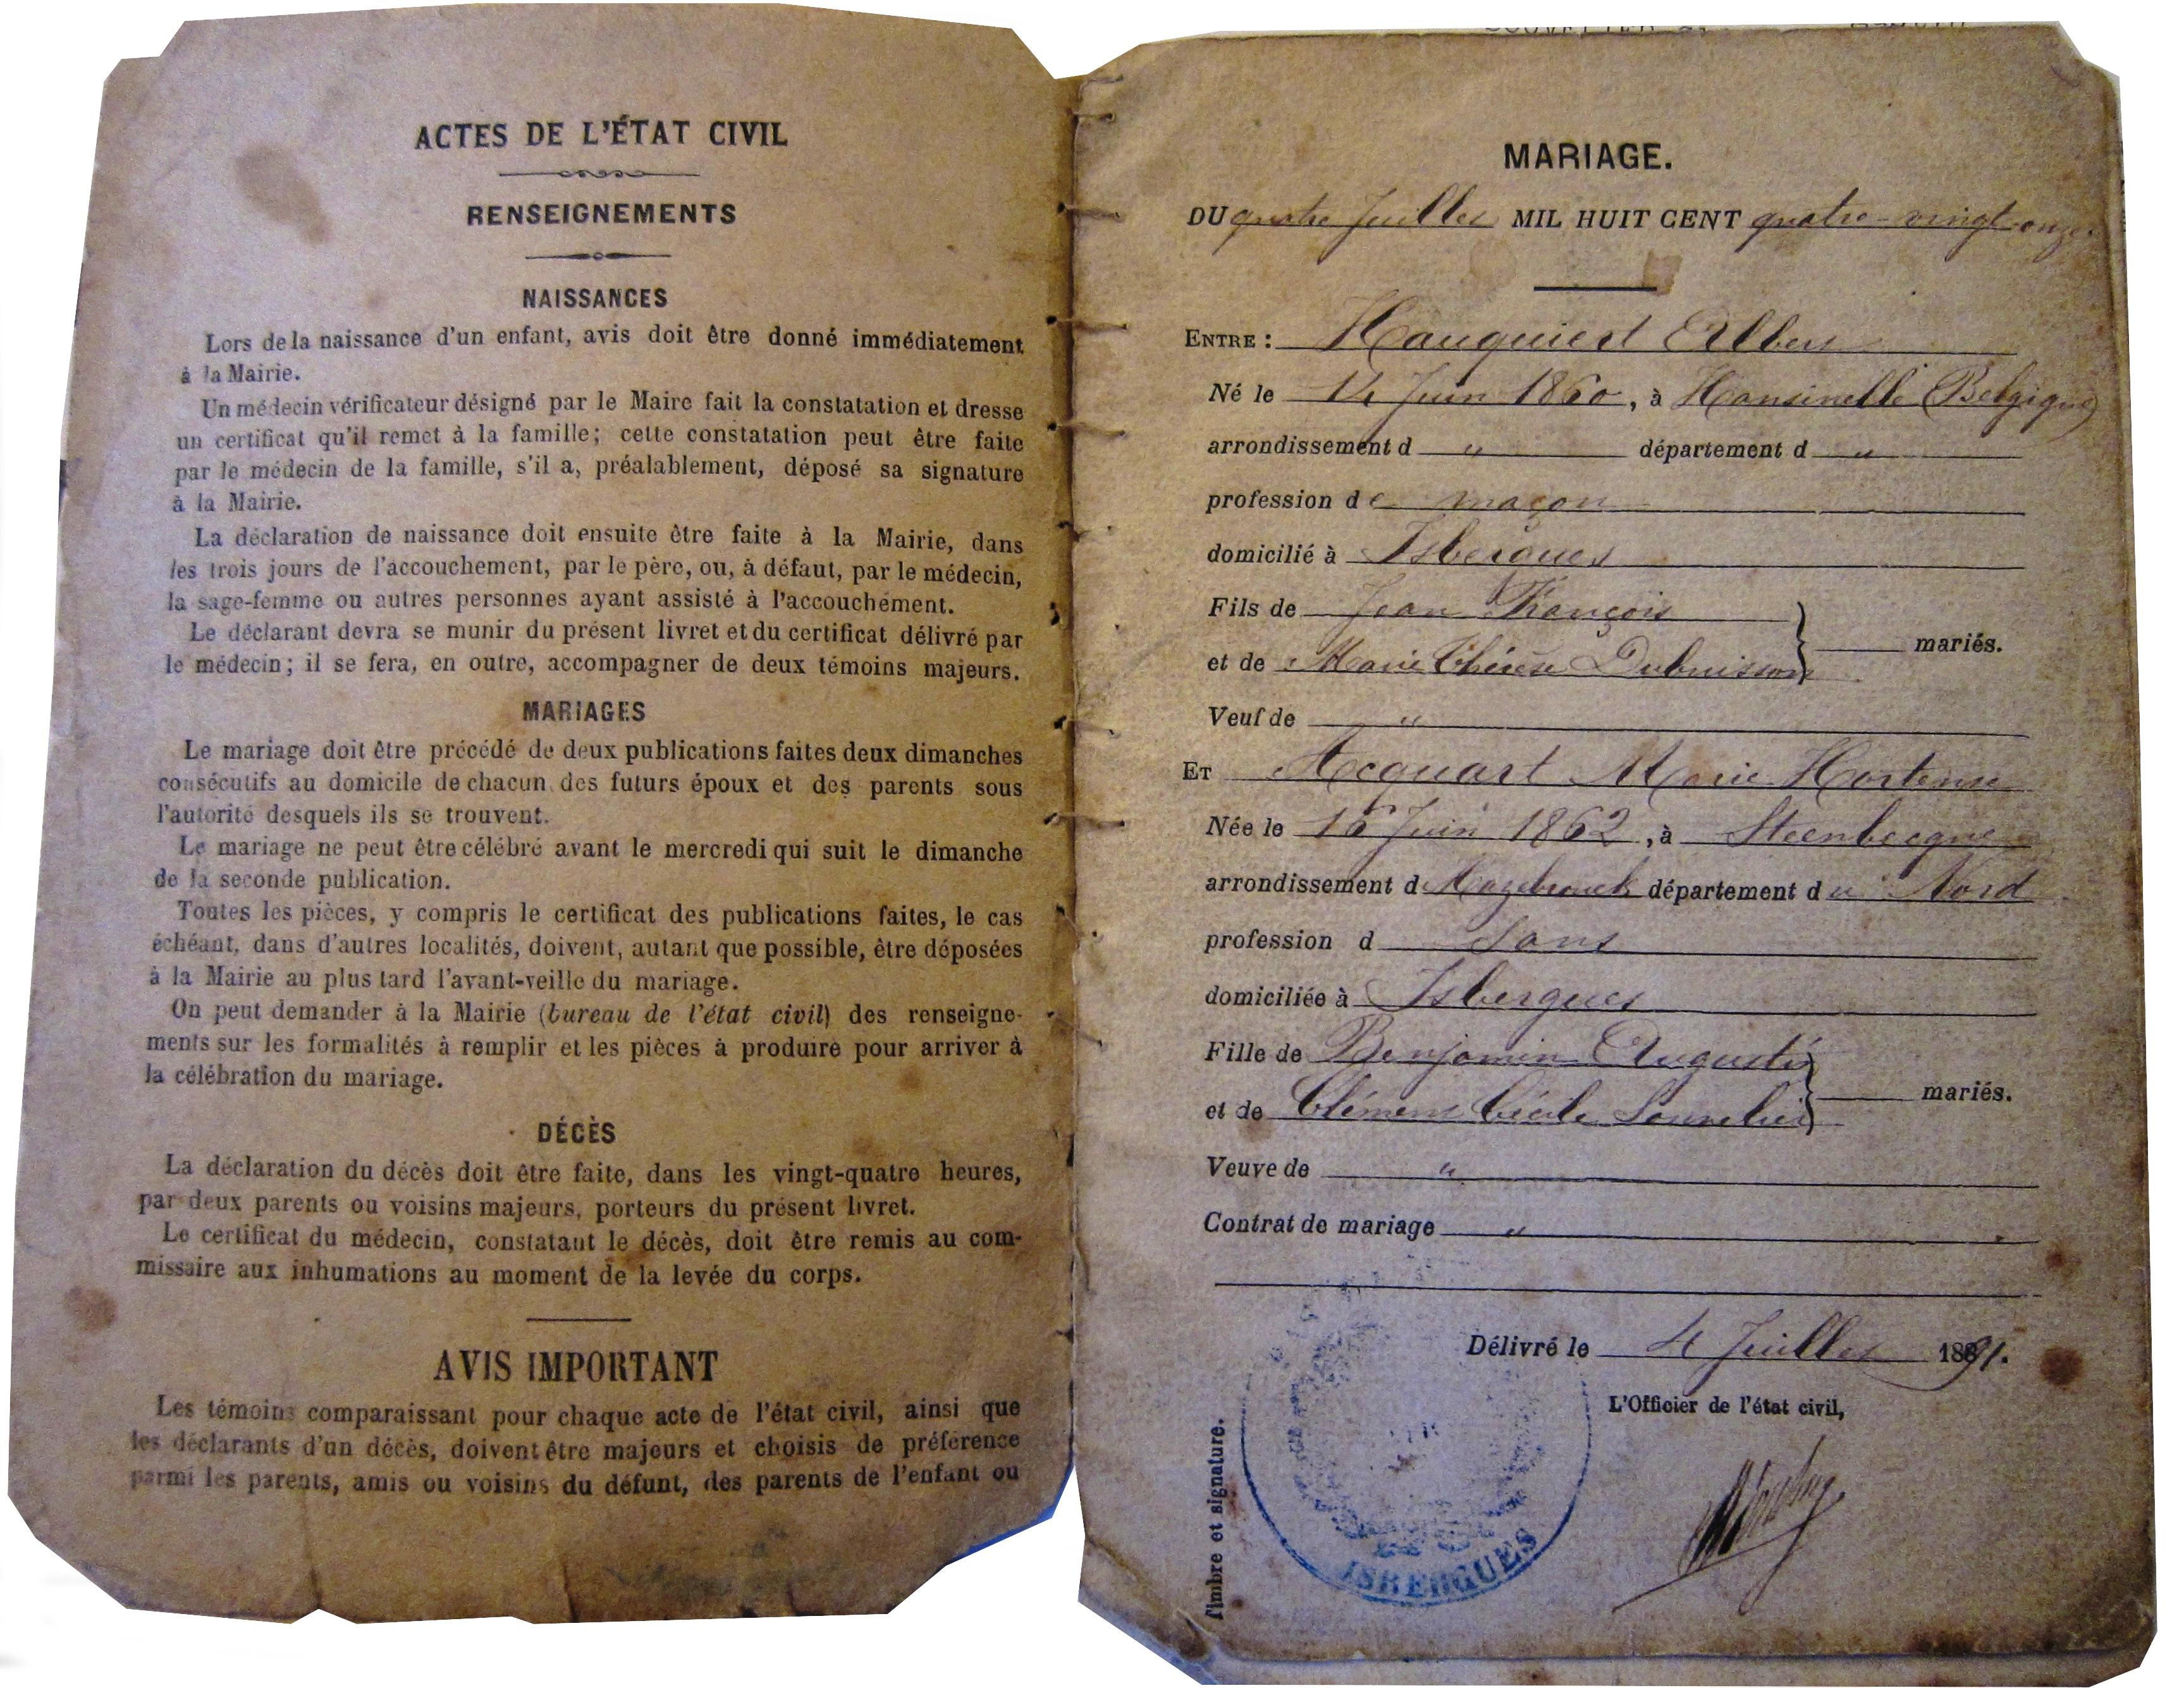 Livret de famille from 1891